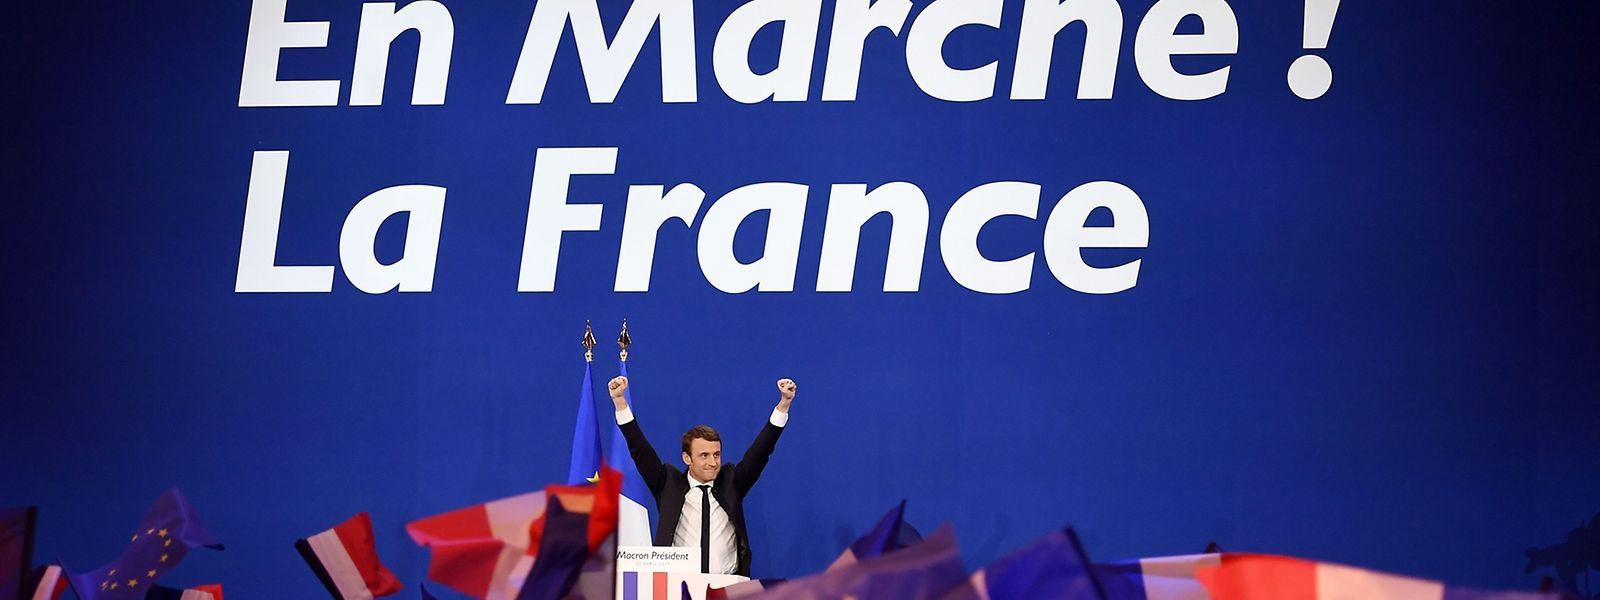 Emmanuel Macron entschied die erste Runde vor Marine Le Pen für sich.